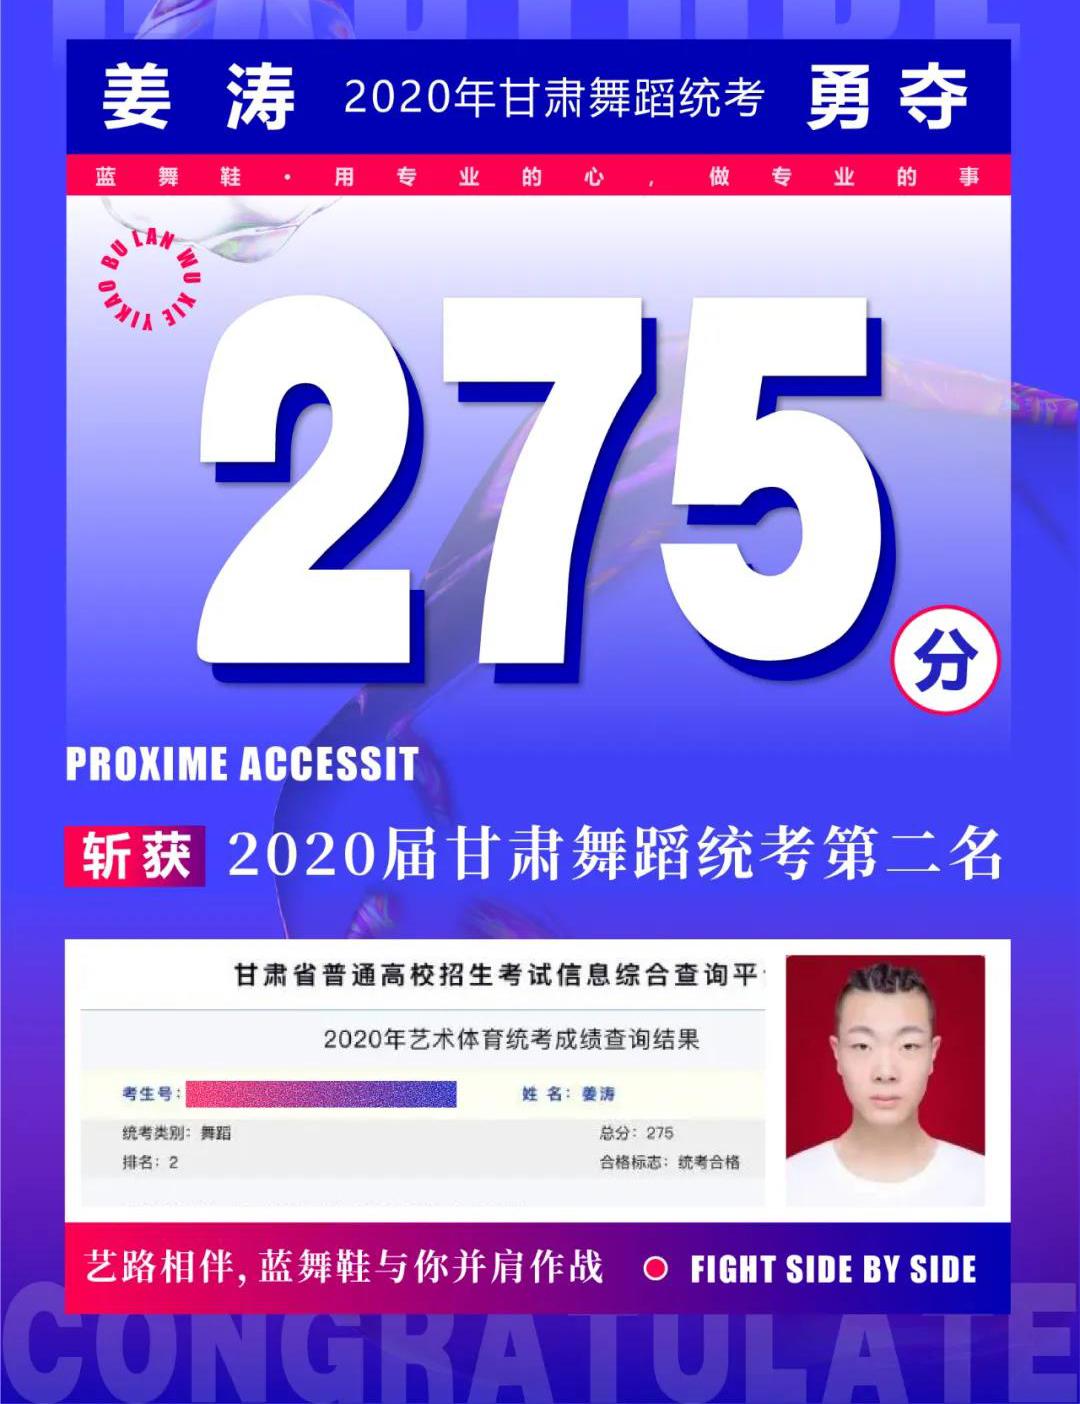 姜涛斩获舞蹈省统考第二名275分